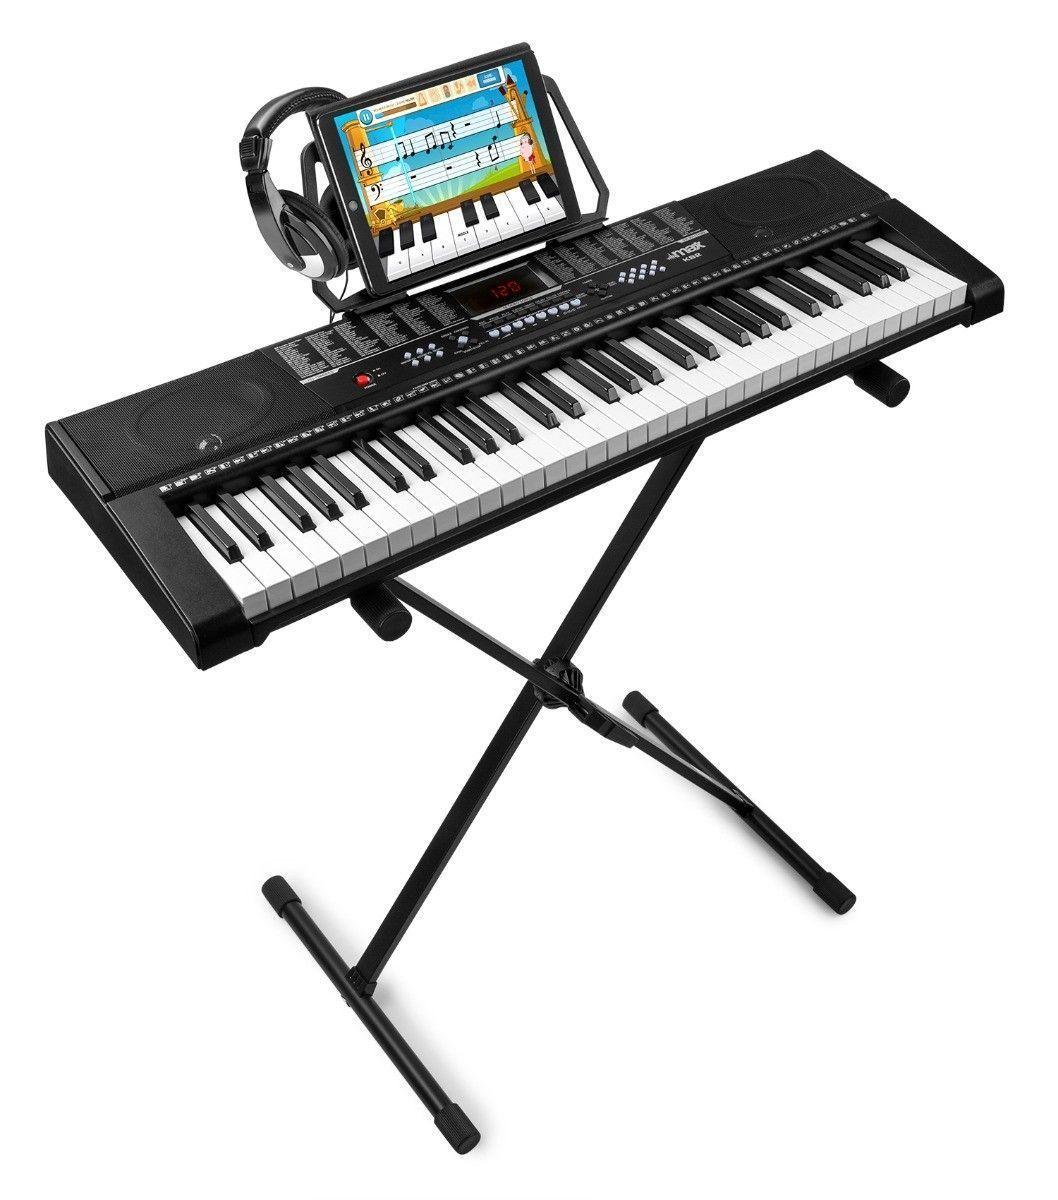 MAX KB2 keyboard met 61 toetsen, keyboardstandaard en koptelefoon